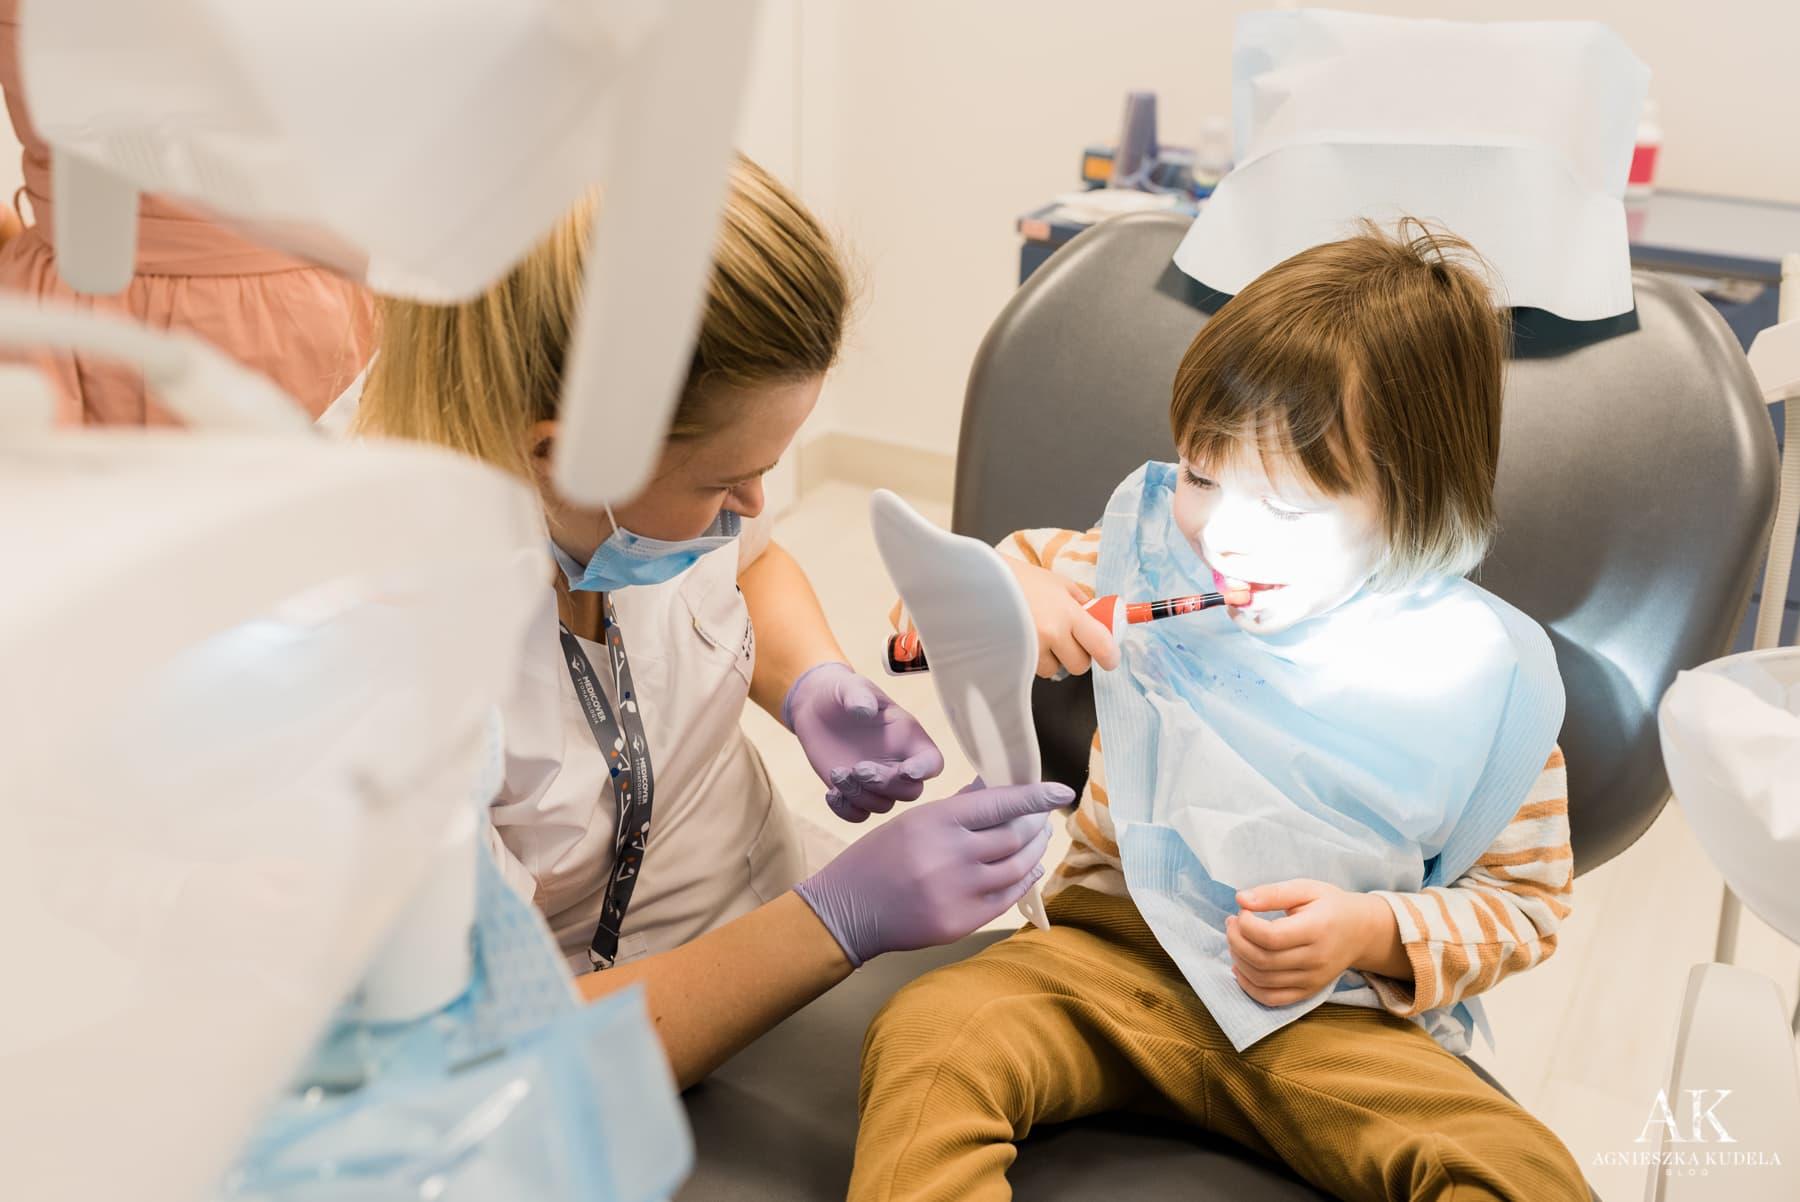 pierwsza wizyta u dentysty dziecka